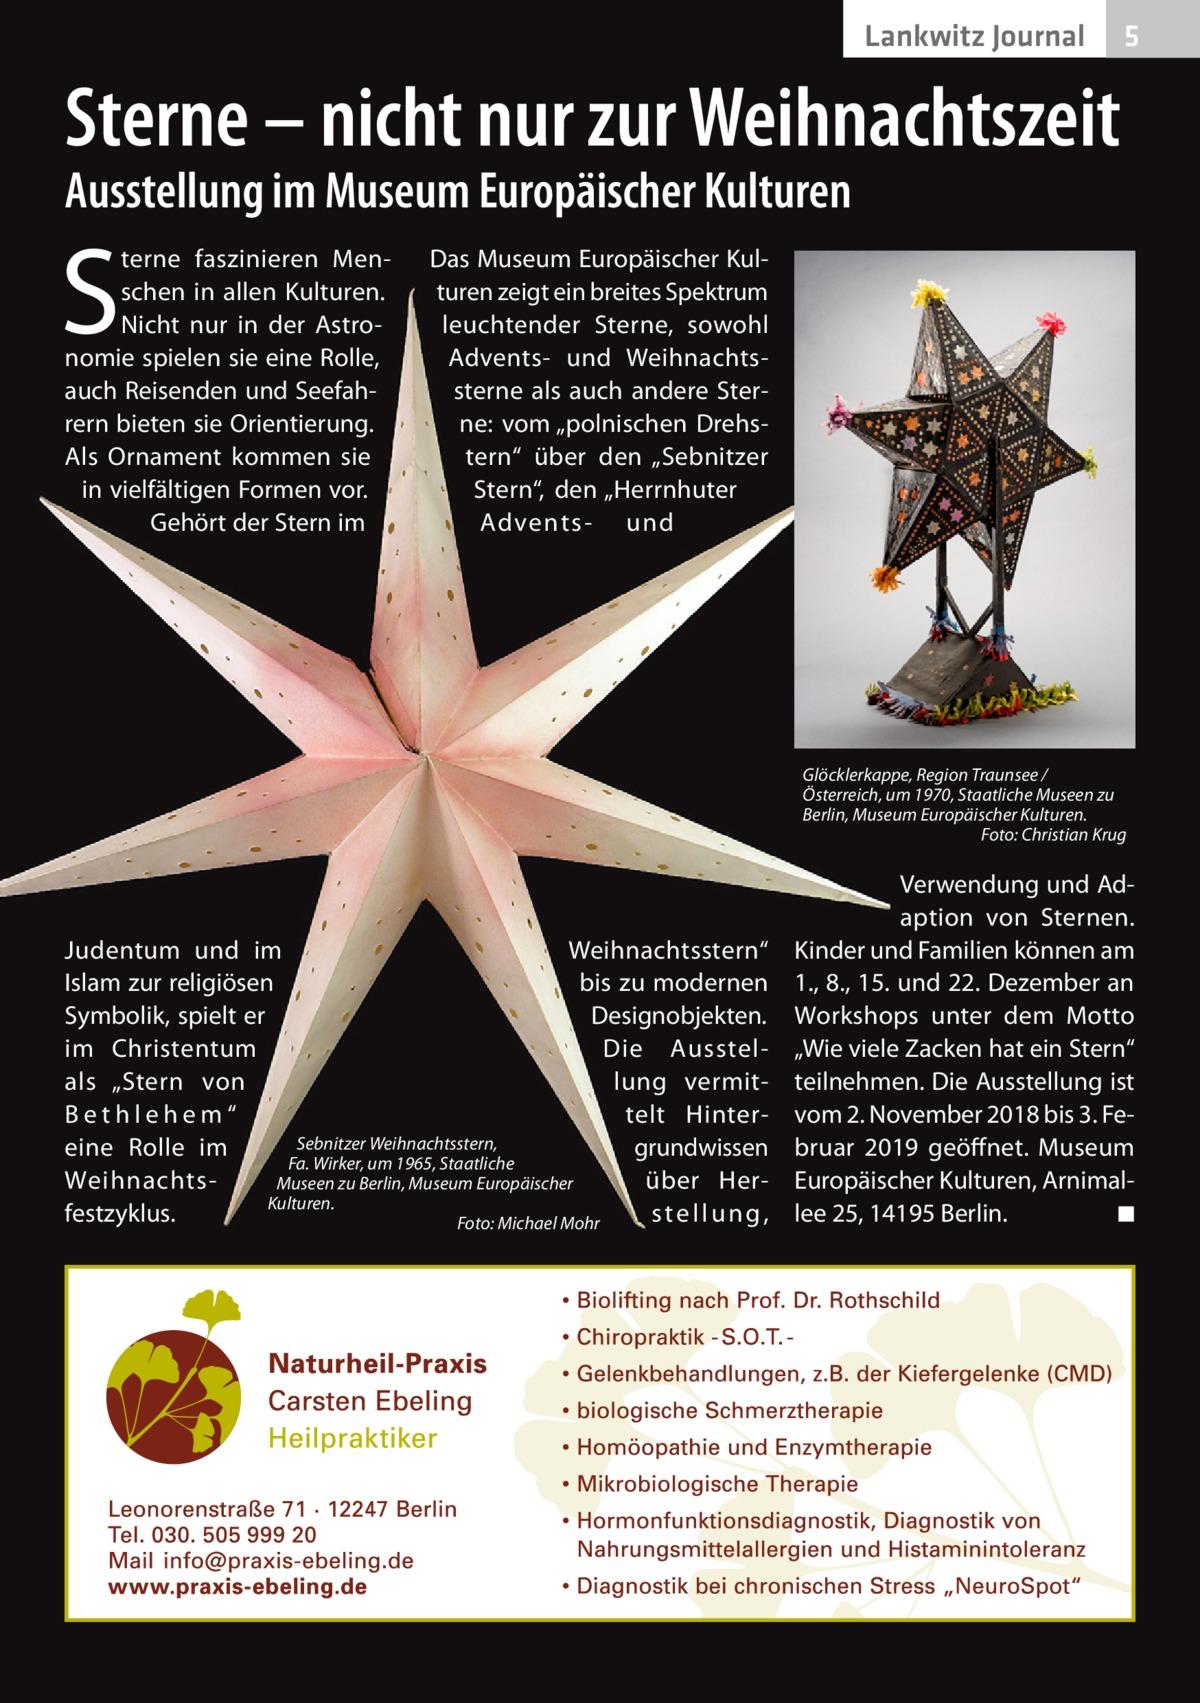 """Lankwitz Journal  5  Sterne – nicht nur zur Weihnachtszeit Ausstellung im Museum Europäischer Kulturen  S  terne faszinieren Menschen in allen Kulturen. Nicht nur in der Astronomie spielen sie eine Rolle, auch Reisenden und Seefahrern bieten sie Orientierung. Als Ornament kommen sie in vielfältigen Formen vor. Gehört der Stern im  Das Museum Europäischer Kulturen zeigt ein breites Spektrum leuchtender Sterne, sowohl Advents- und Weihnachtssterne als auch andere Sterne: vom """"polnischen Drehstern"""" über den """"Sebnitzer Stern"""", den """"Herrnhuter Advents- und  Glöcklerkappe, Region Traunsee / Österreich, um 1970, Staatliche Museen zu Berlin, Museum Europäischer Kulturen. � Foto: Christian Krug  Judentum und im Weihnachtsstern"""" Islam zur religiösen bis zu modernen Symbolik, spielt er Designobjekten. im Christentum Die Ausstellung vermitals """"Stern von telt Hint er B e t h l eh e m """" Sebnitzer Weihnachtsstern, grundwissen eine Rolle im Fa.Wirker, um 1965, Staatliche über HerWeihnachtsMuseen zu Berlin, Museum Europäischer Kulturen. festzyklus. stellung, � Foto: Michael Mohr  Verwendung und Adaption von Sternen. Kinder und Familien können am 1., 8., 15. und 22. Dezember an Workshops unter dem Motto """"Wie viele Zacken hat ein Stern"""" teilnehmen. Die Ausstellung ist vom 2.November 2018 bis 3.Februar 2019 geöffnet. Museum Europäischer Kulturen, Arnimallee25, 14195Berlin. � ◾"""